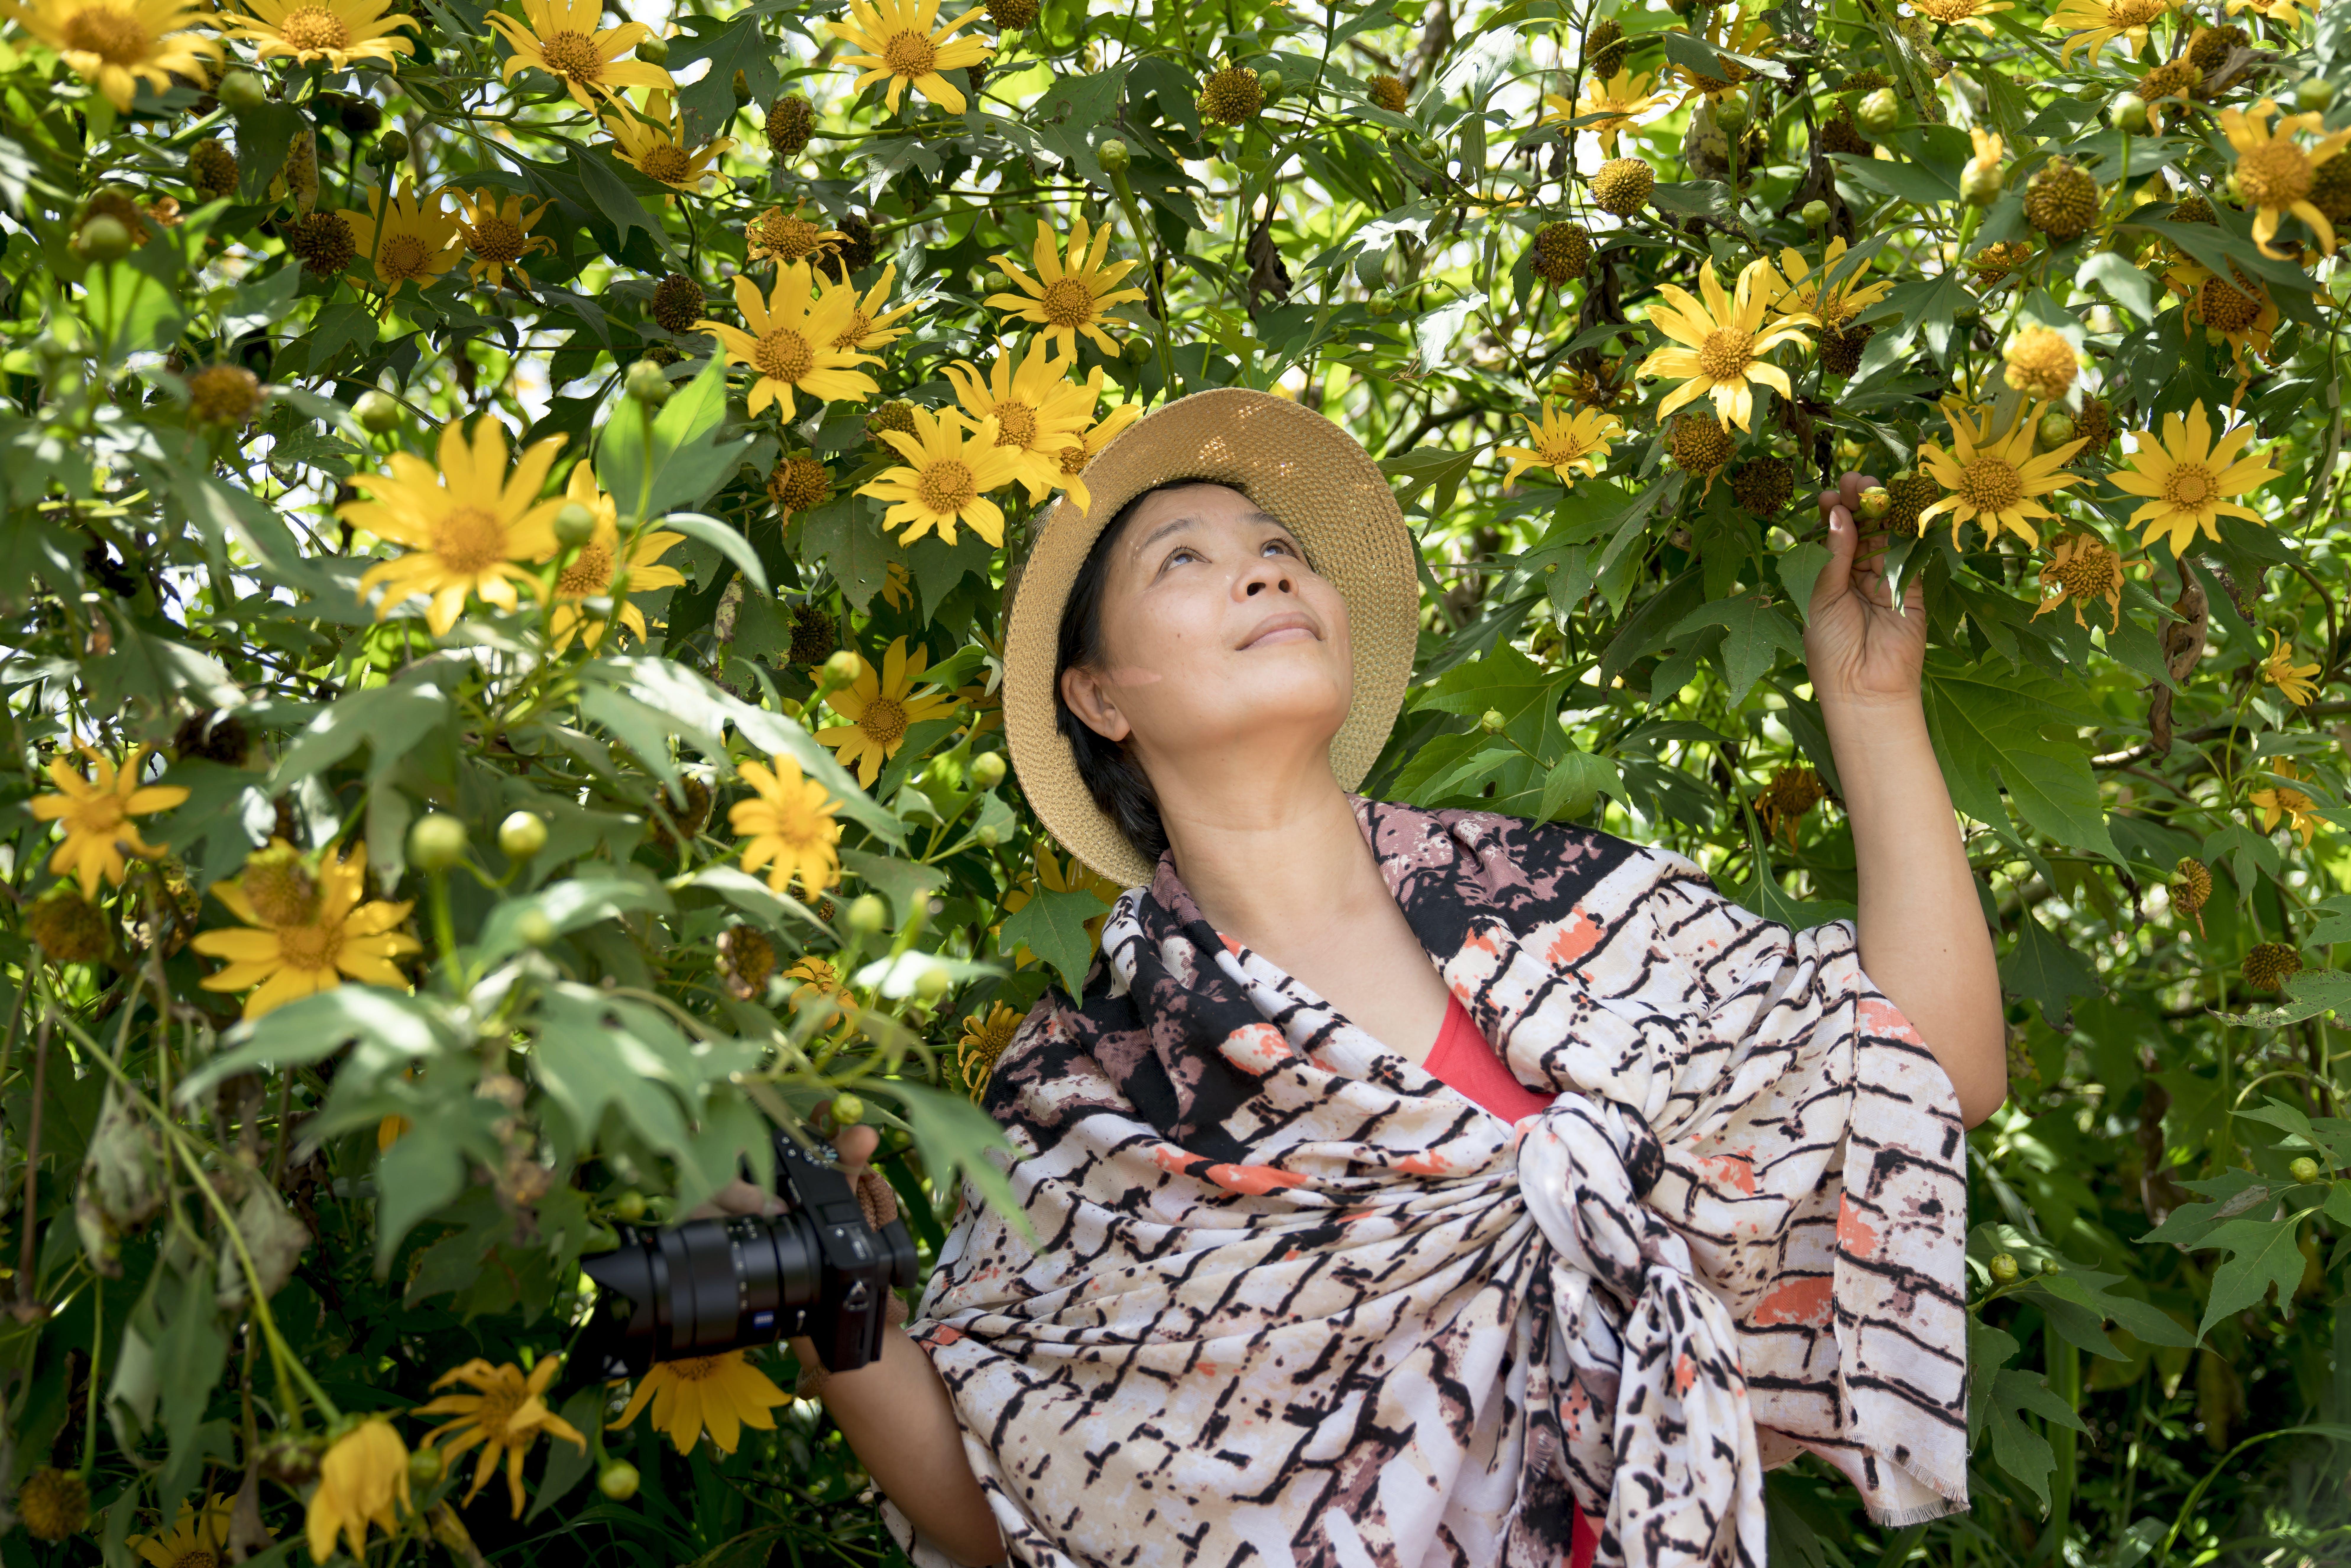 向上看, 圍巾, 增長, 女人 的 免費圖庫相片